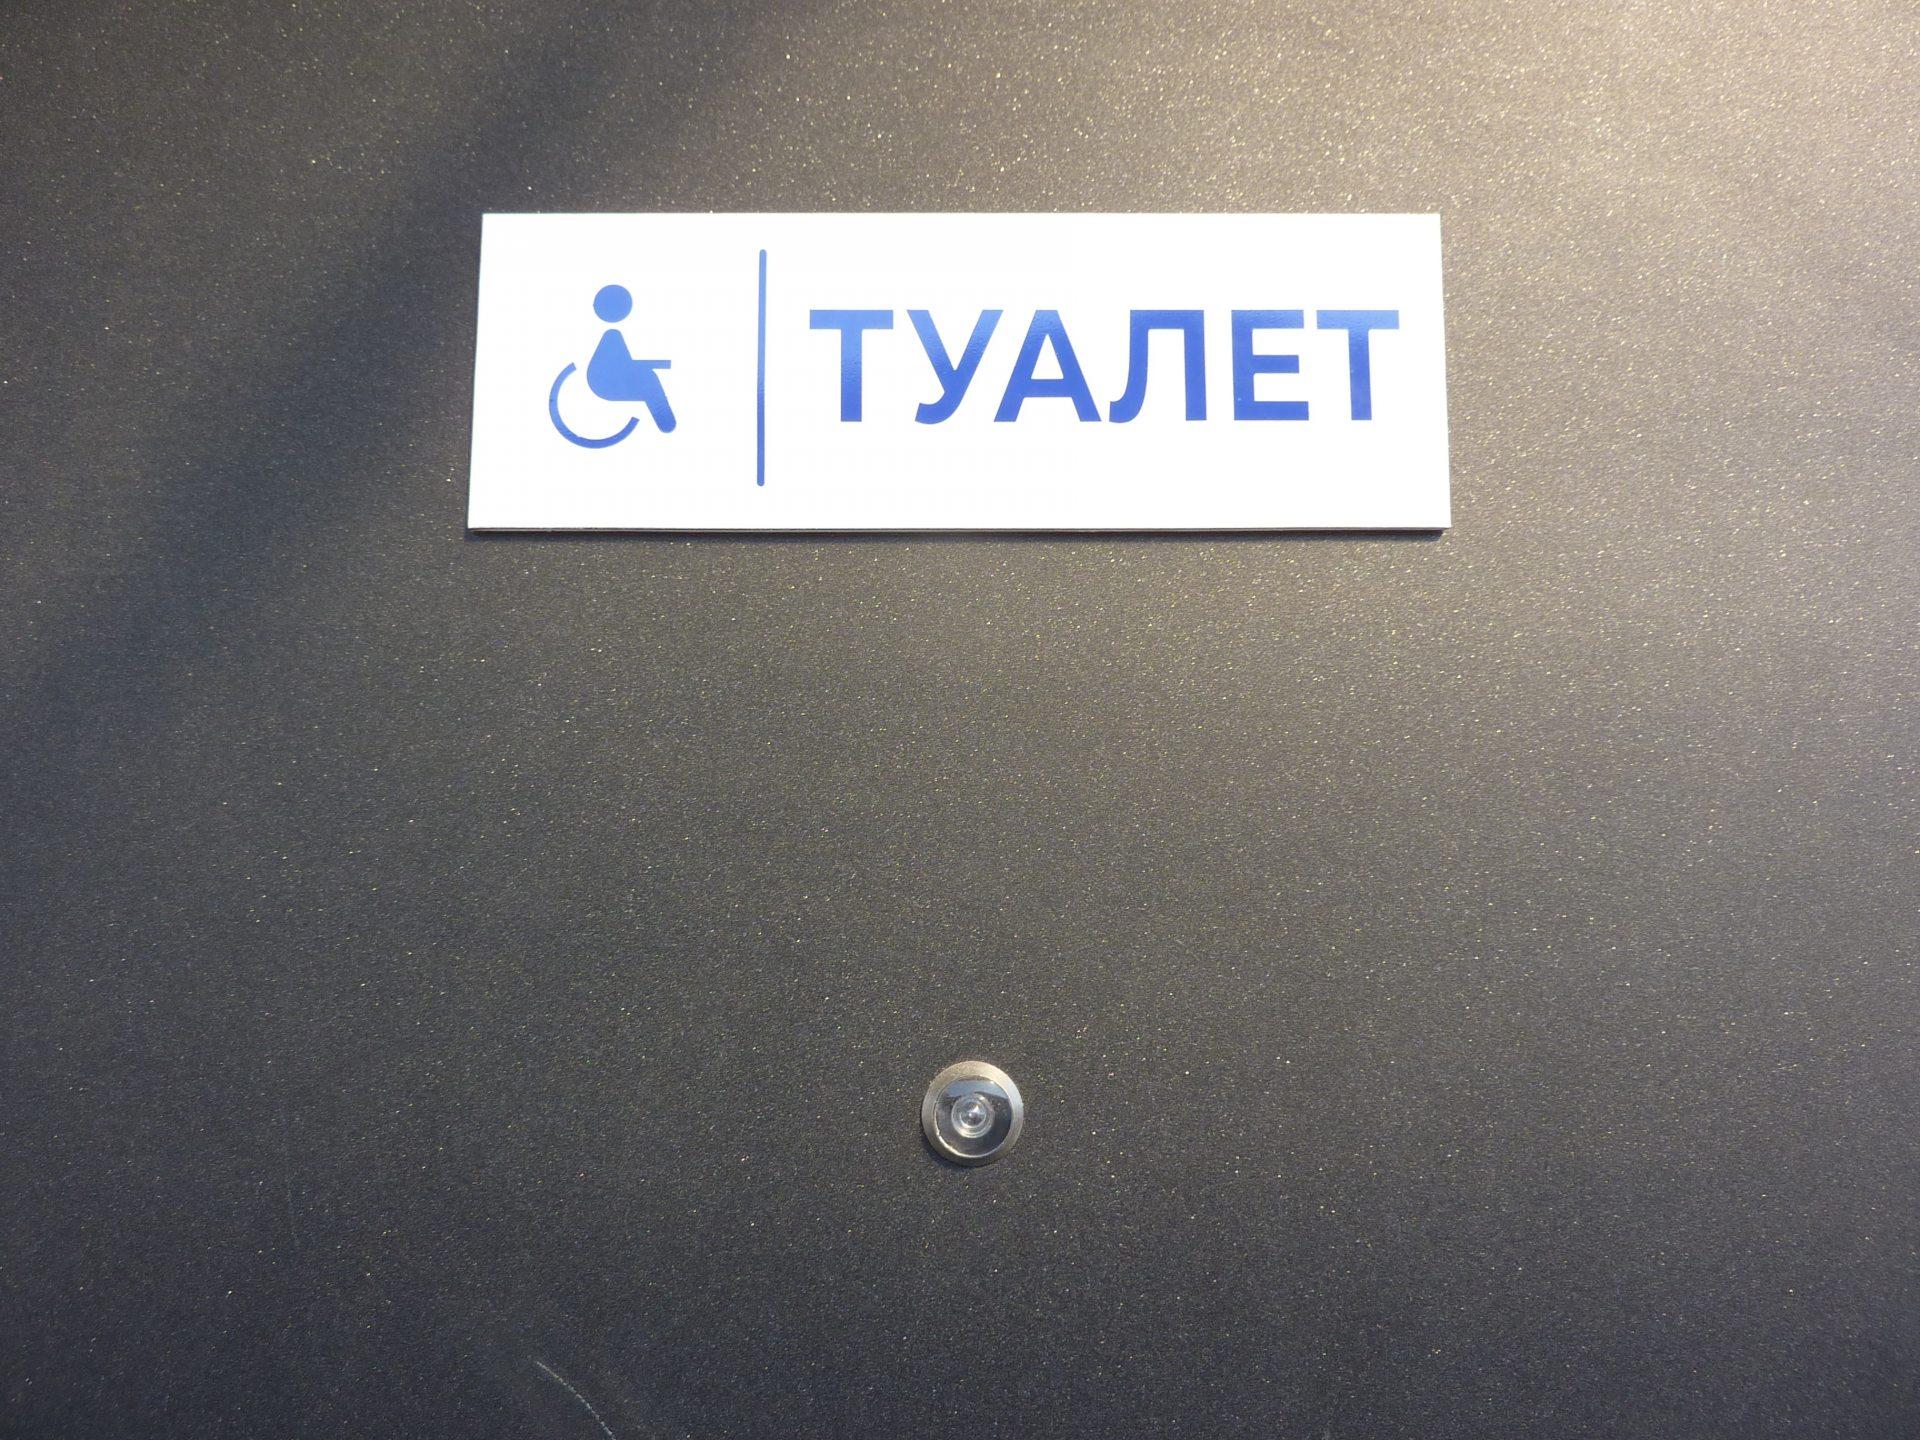 Херсонщина, стадион, туалет